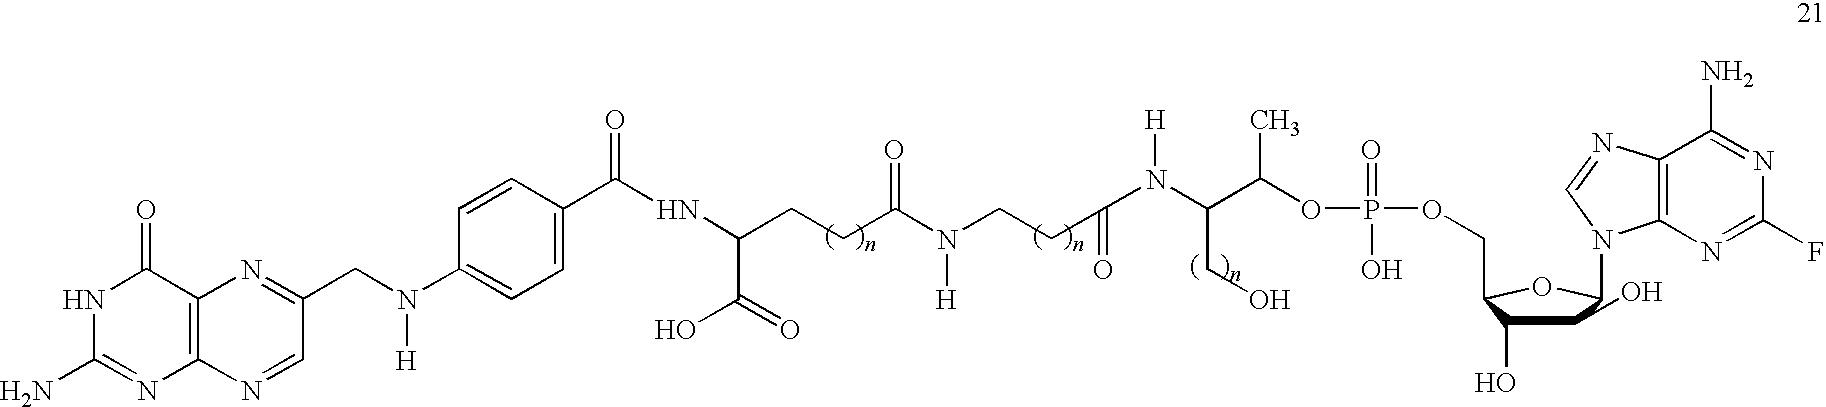 Figure US07833992-20101116-C00023